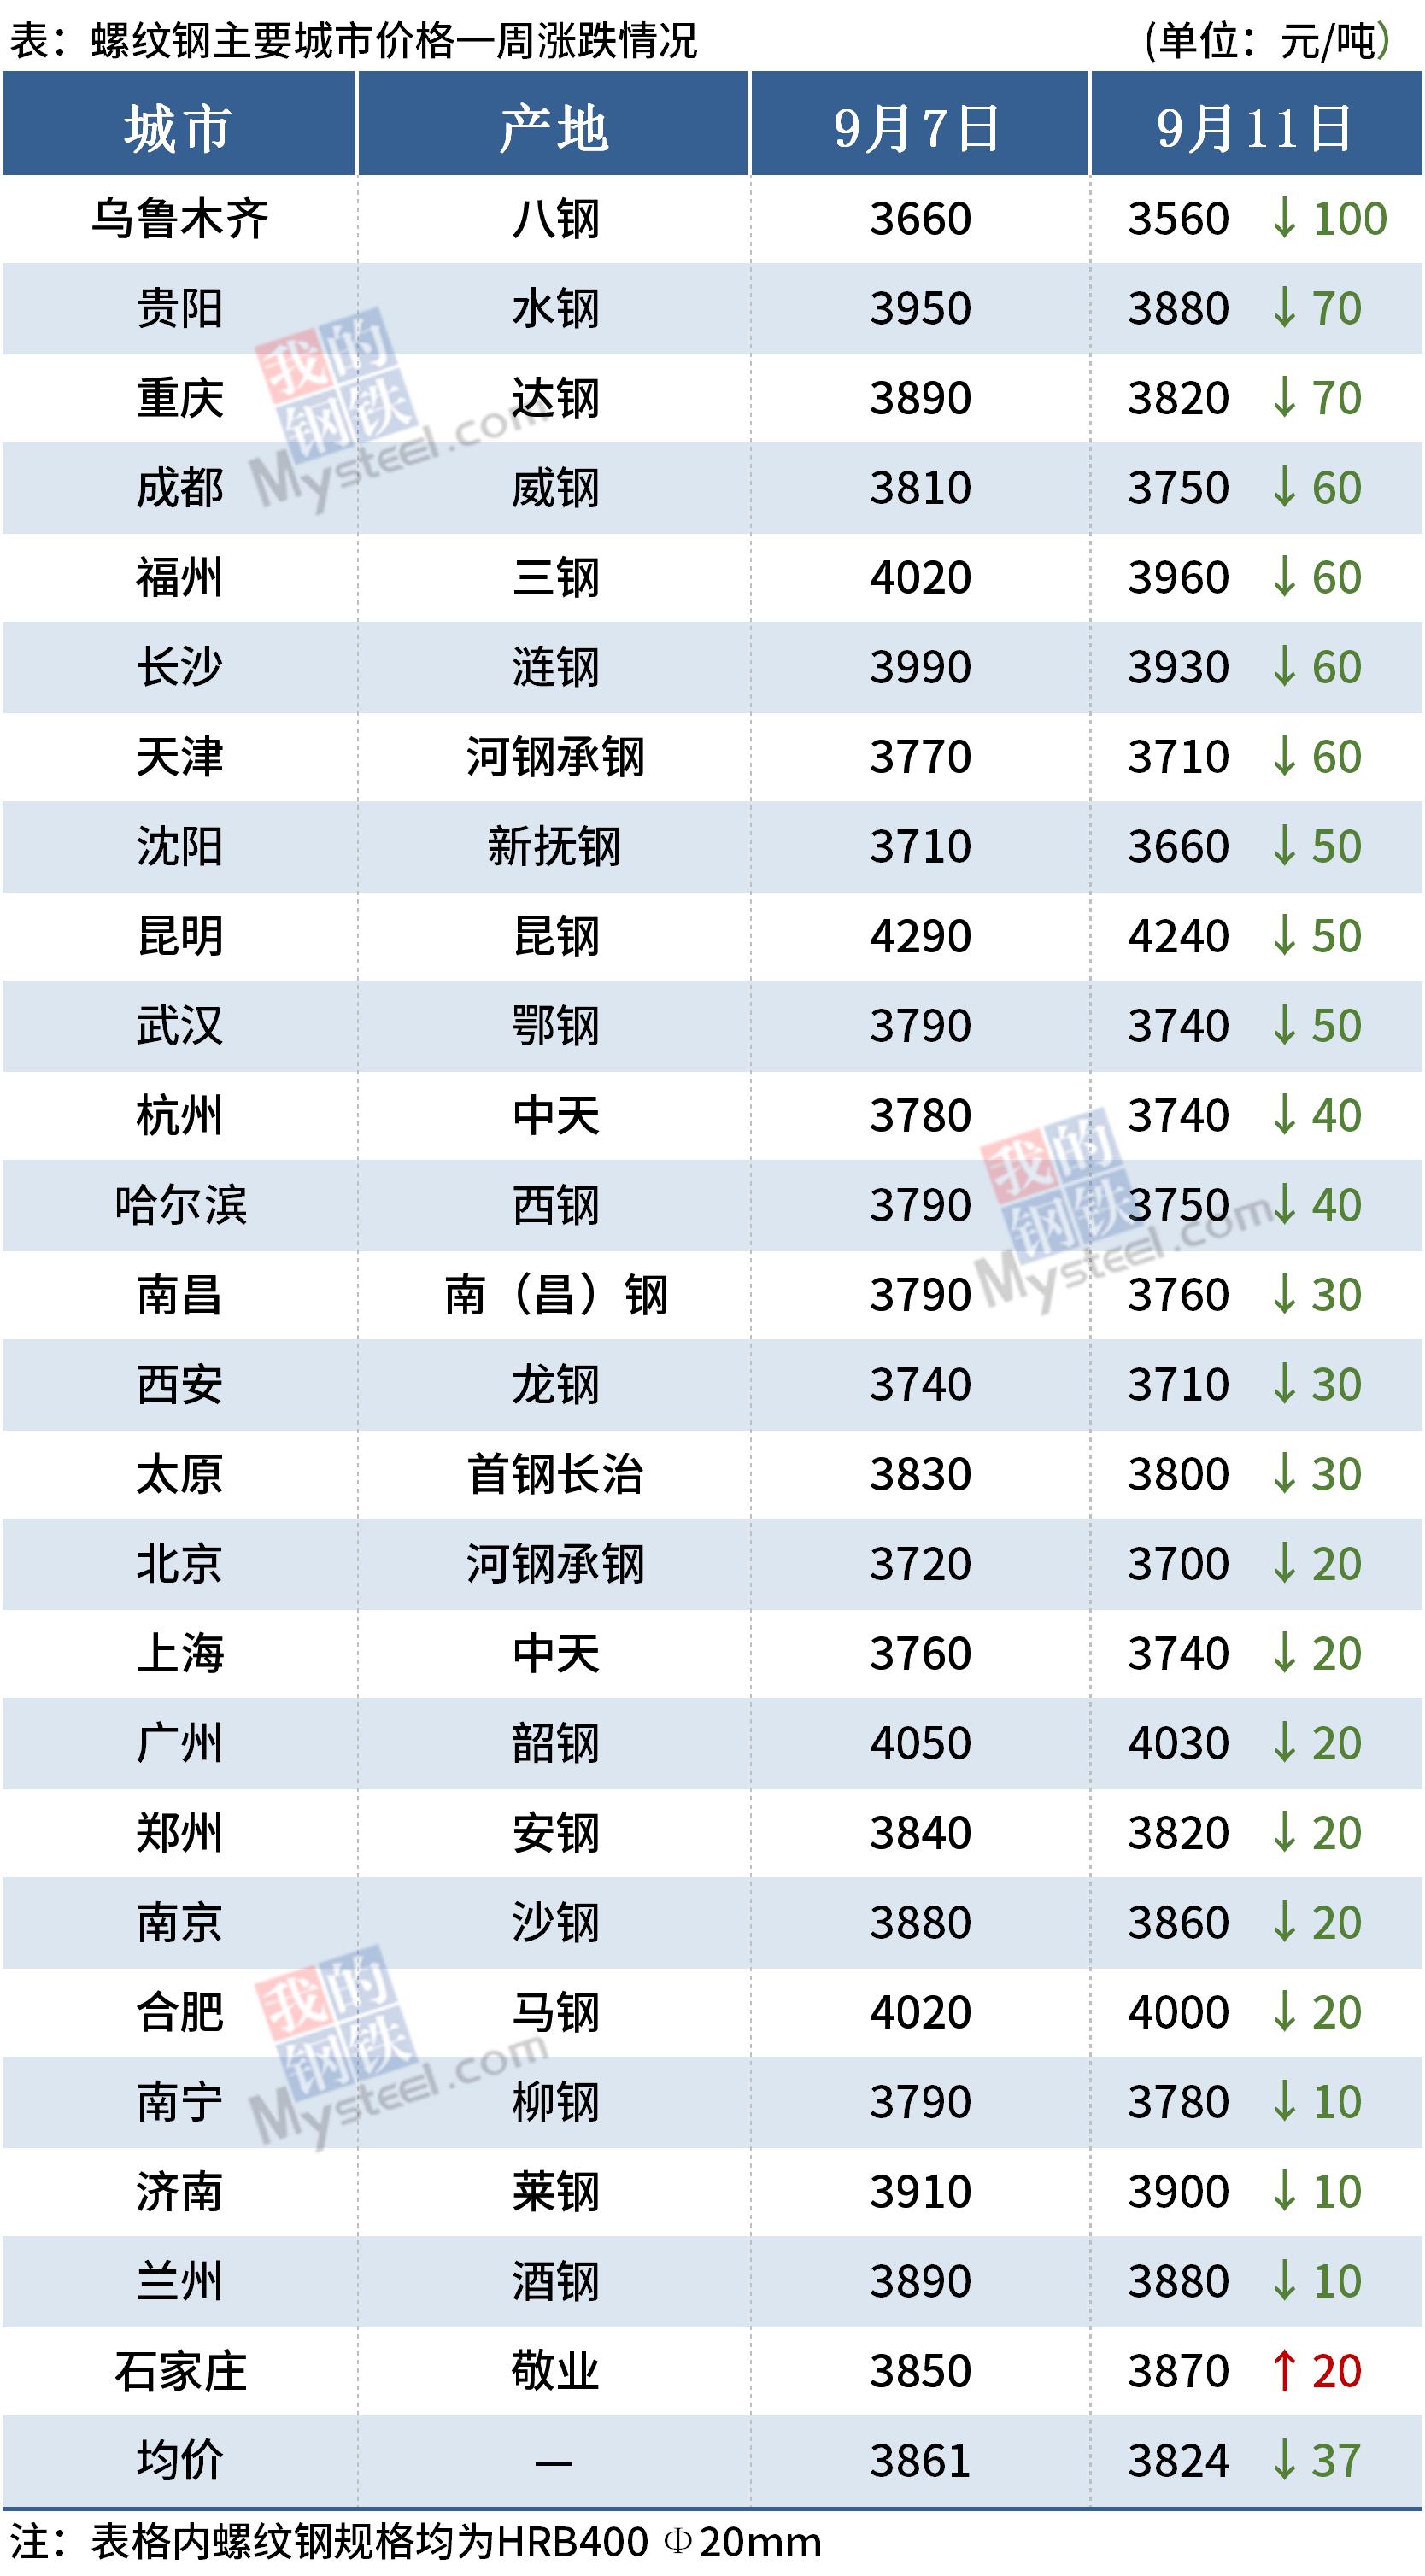 螺纹钢主要城市价格一周涨跌情况(9月11日)